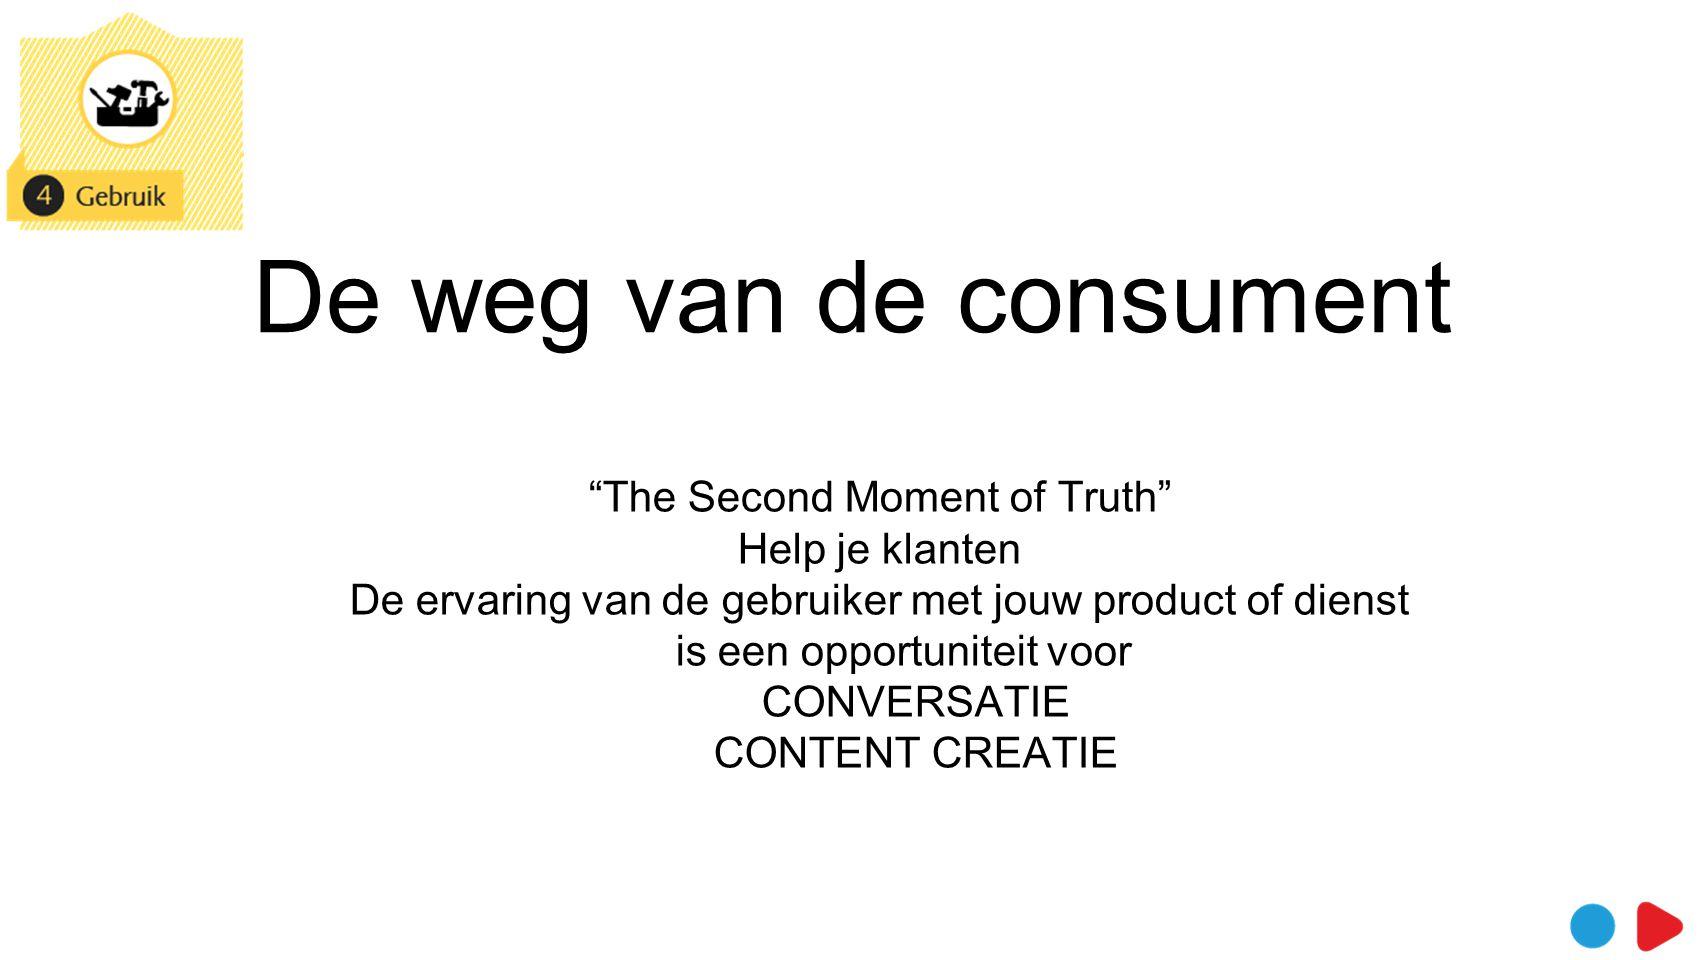 De weg van de consument Gebruik > opportuniteit voor conversatie > luisteren, (peer to peer) Ik ben een aanrader